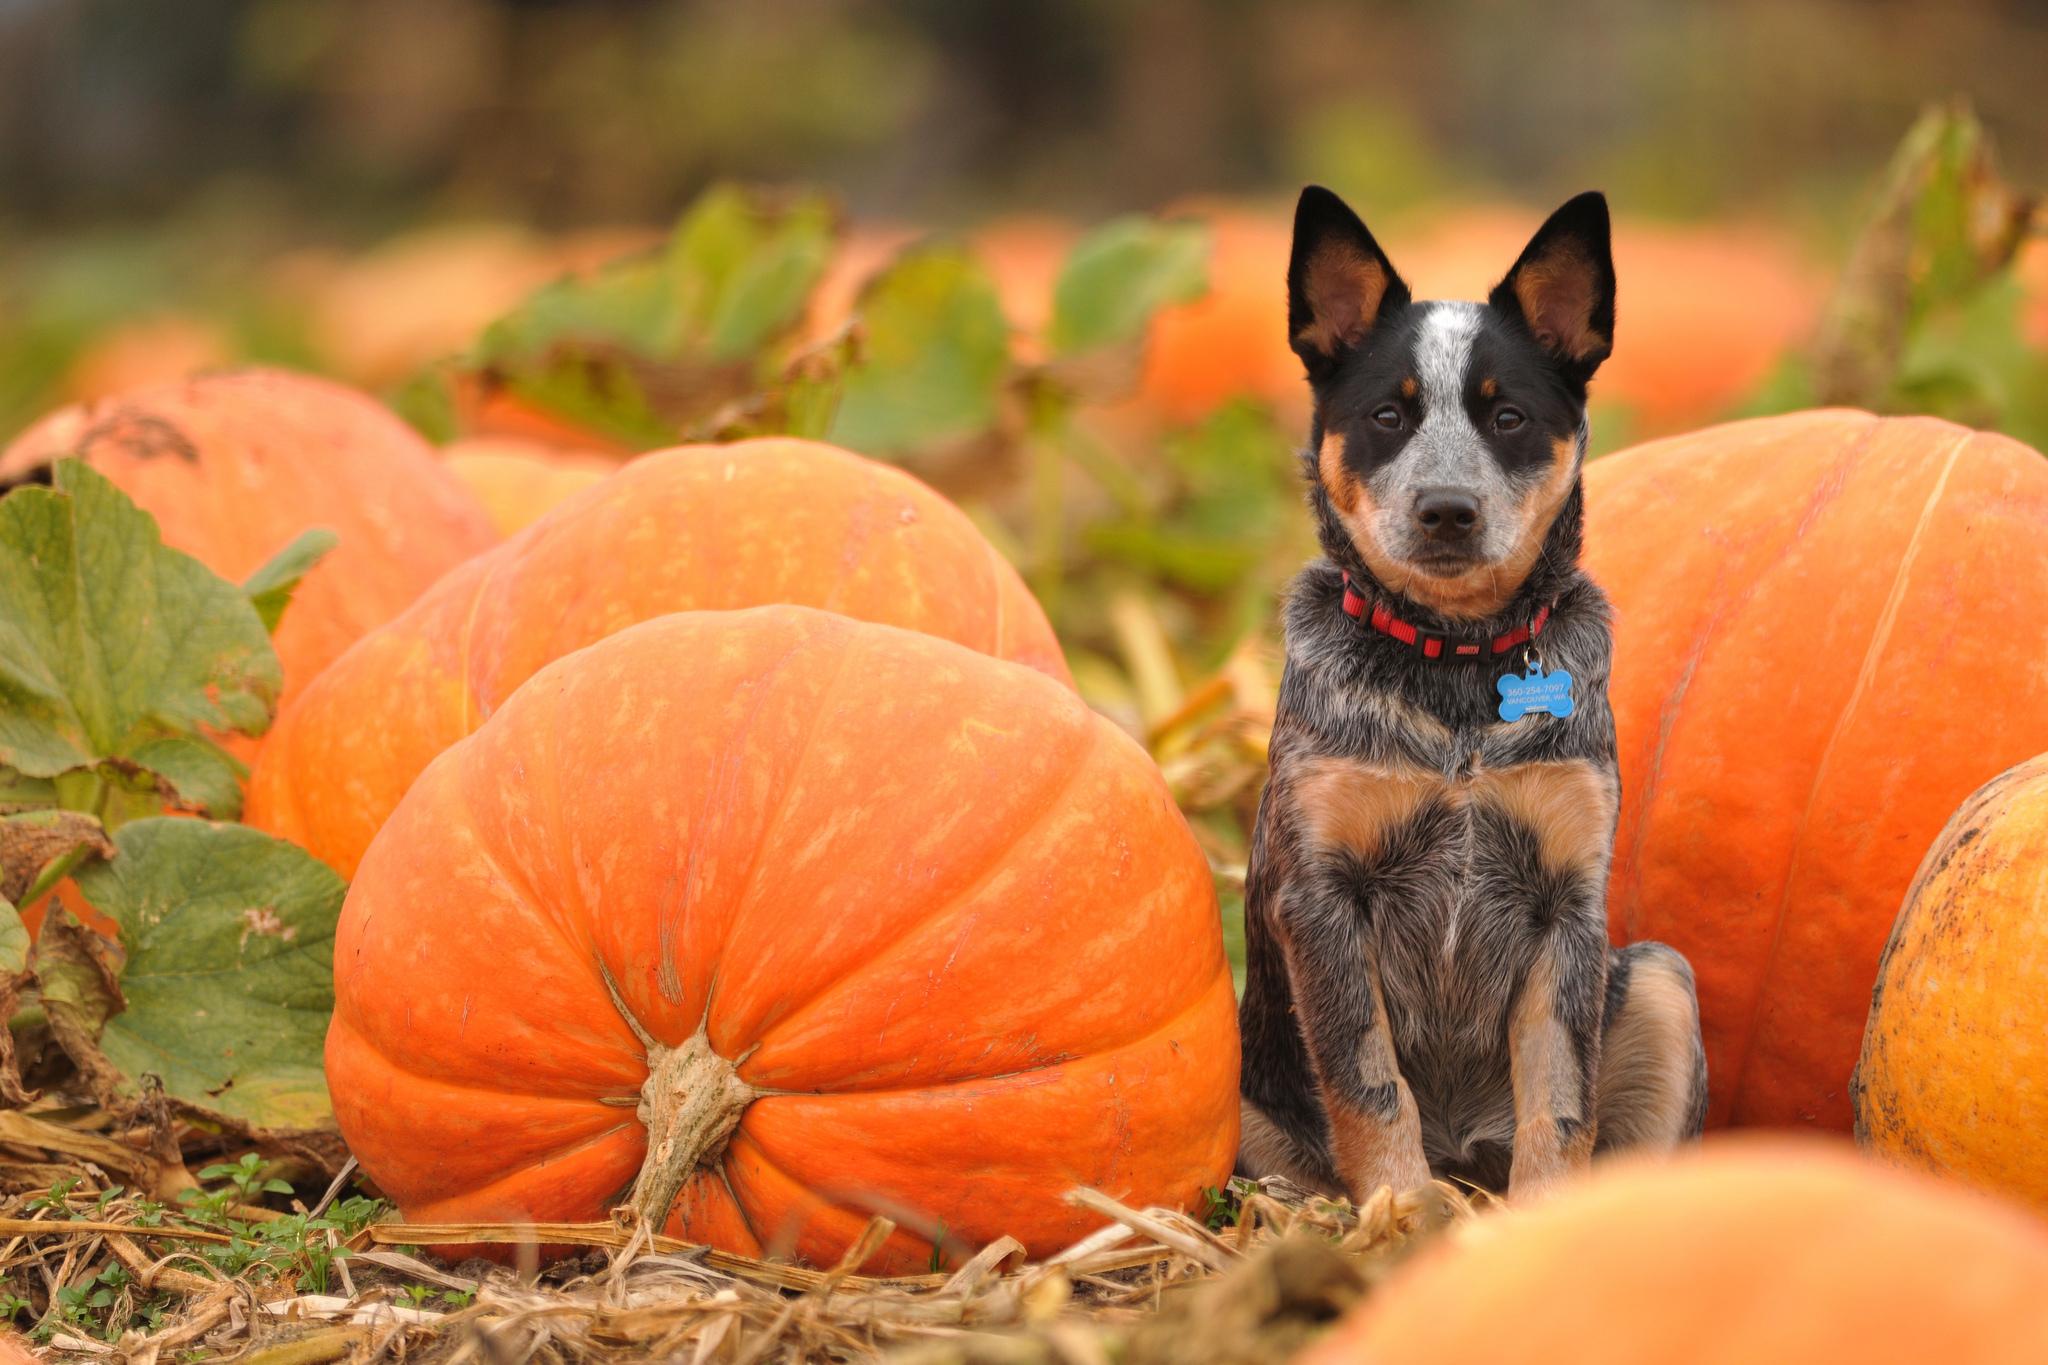 Dogs Pumpkin Autumn Halloween Wallpaper